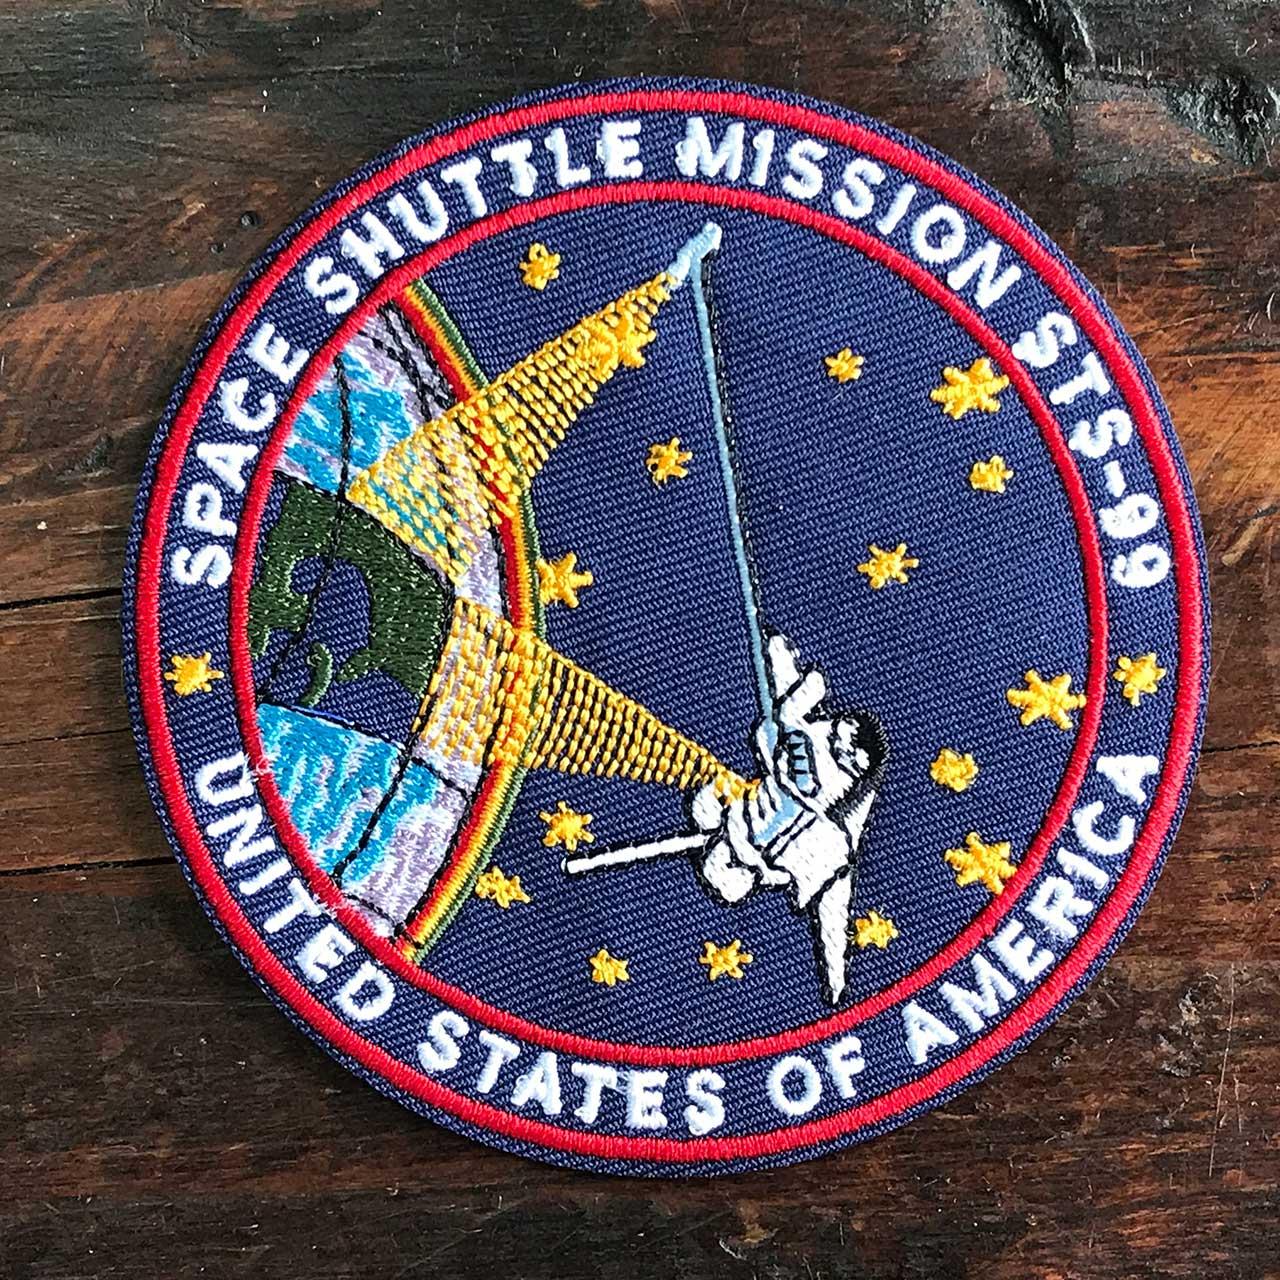 NASA公認ワッペン・アップリケ・スペースシャトルミッション・STS-99